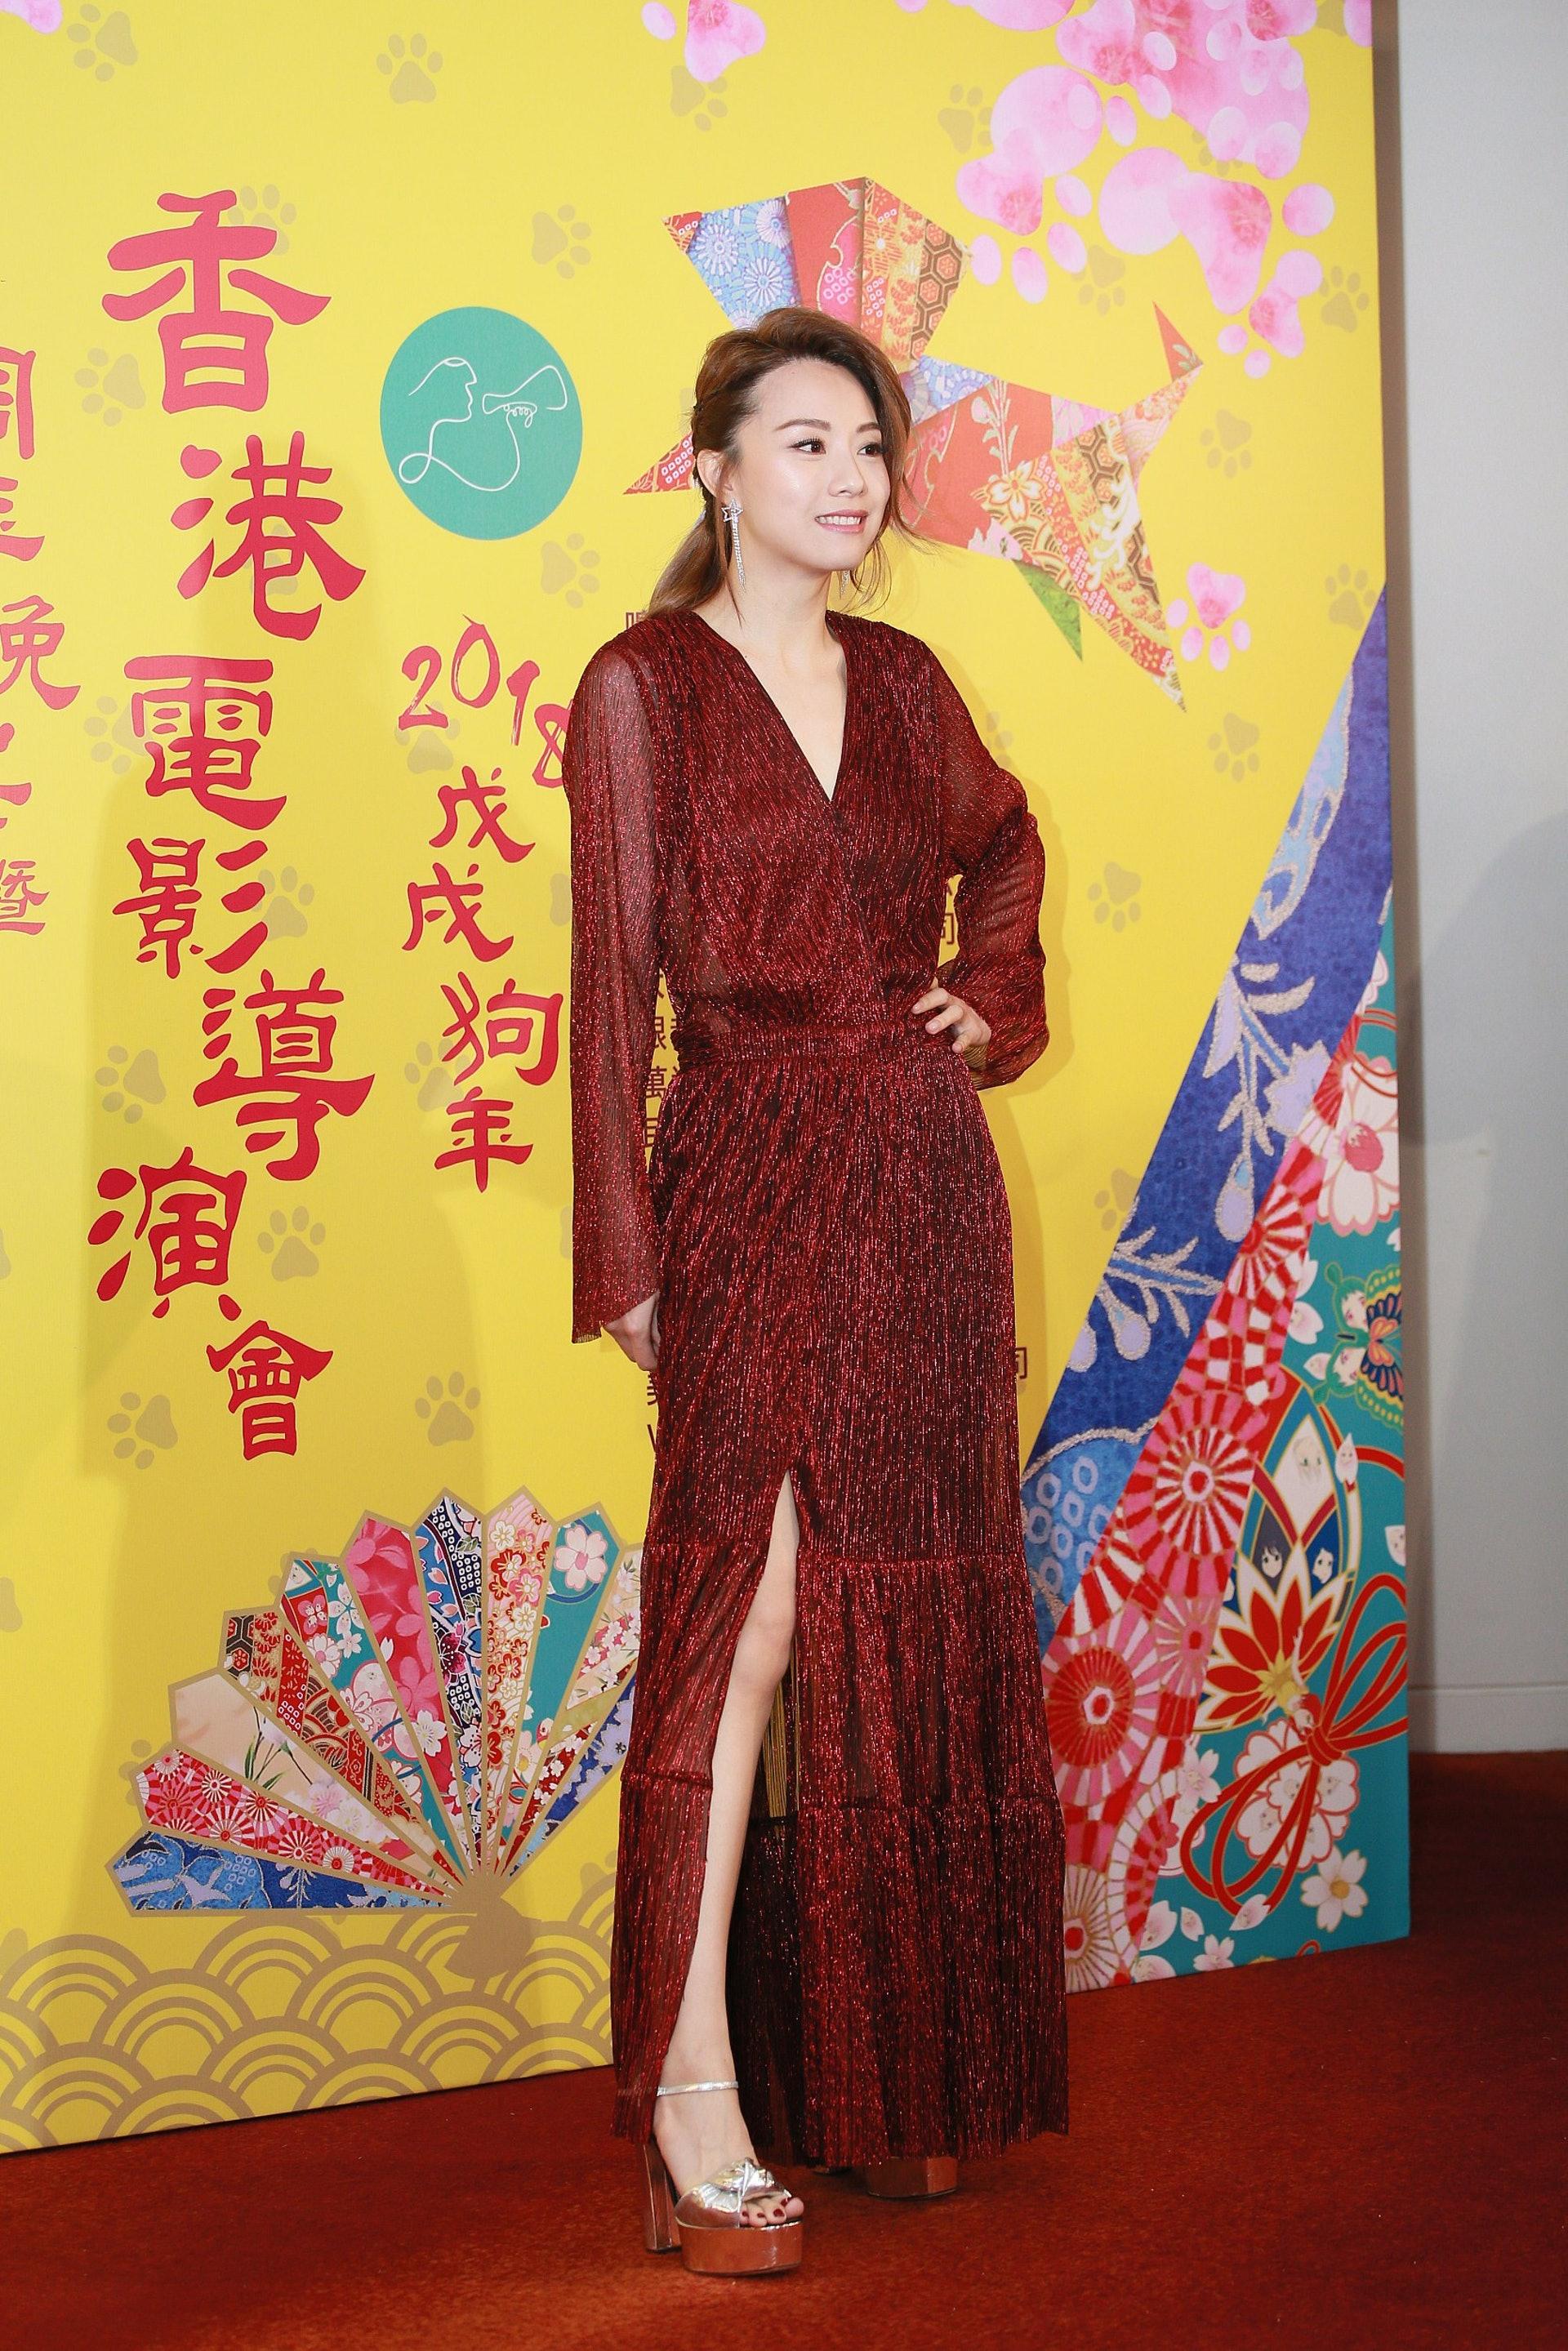 上年Stephy在《香港電影導演會周年晚宴暨年度頒獎典禮》的打扮反較今年的成熟。(視覺中國)